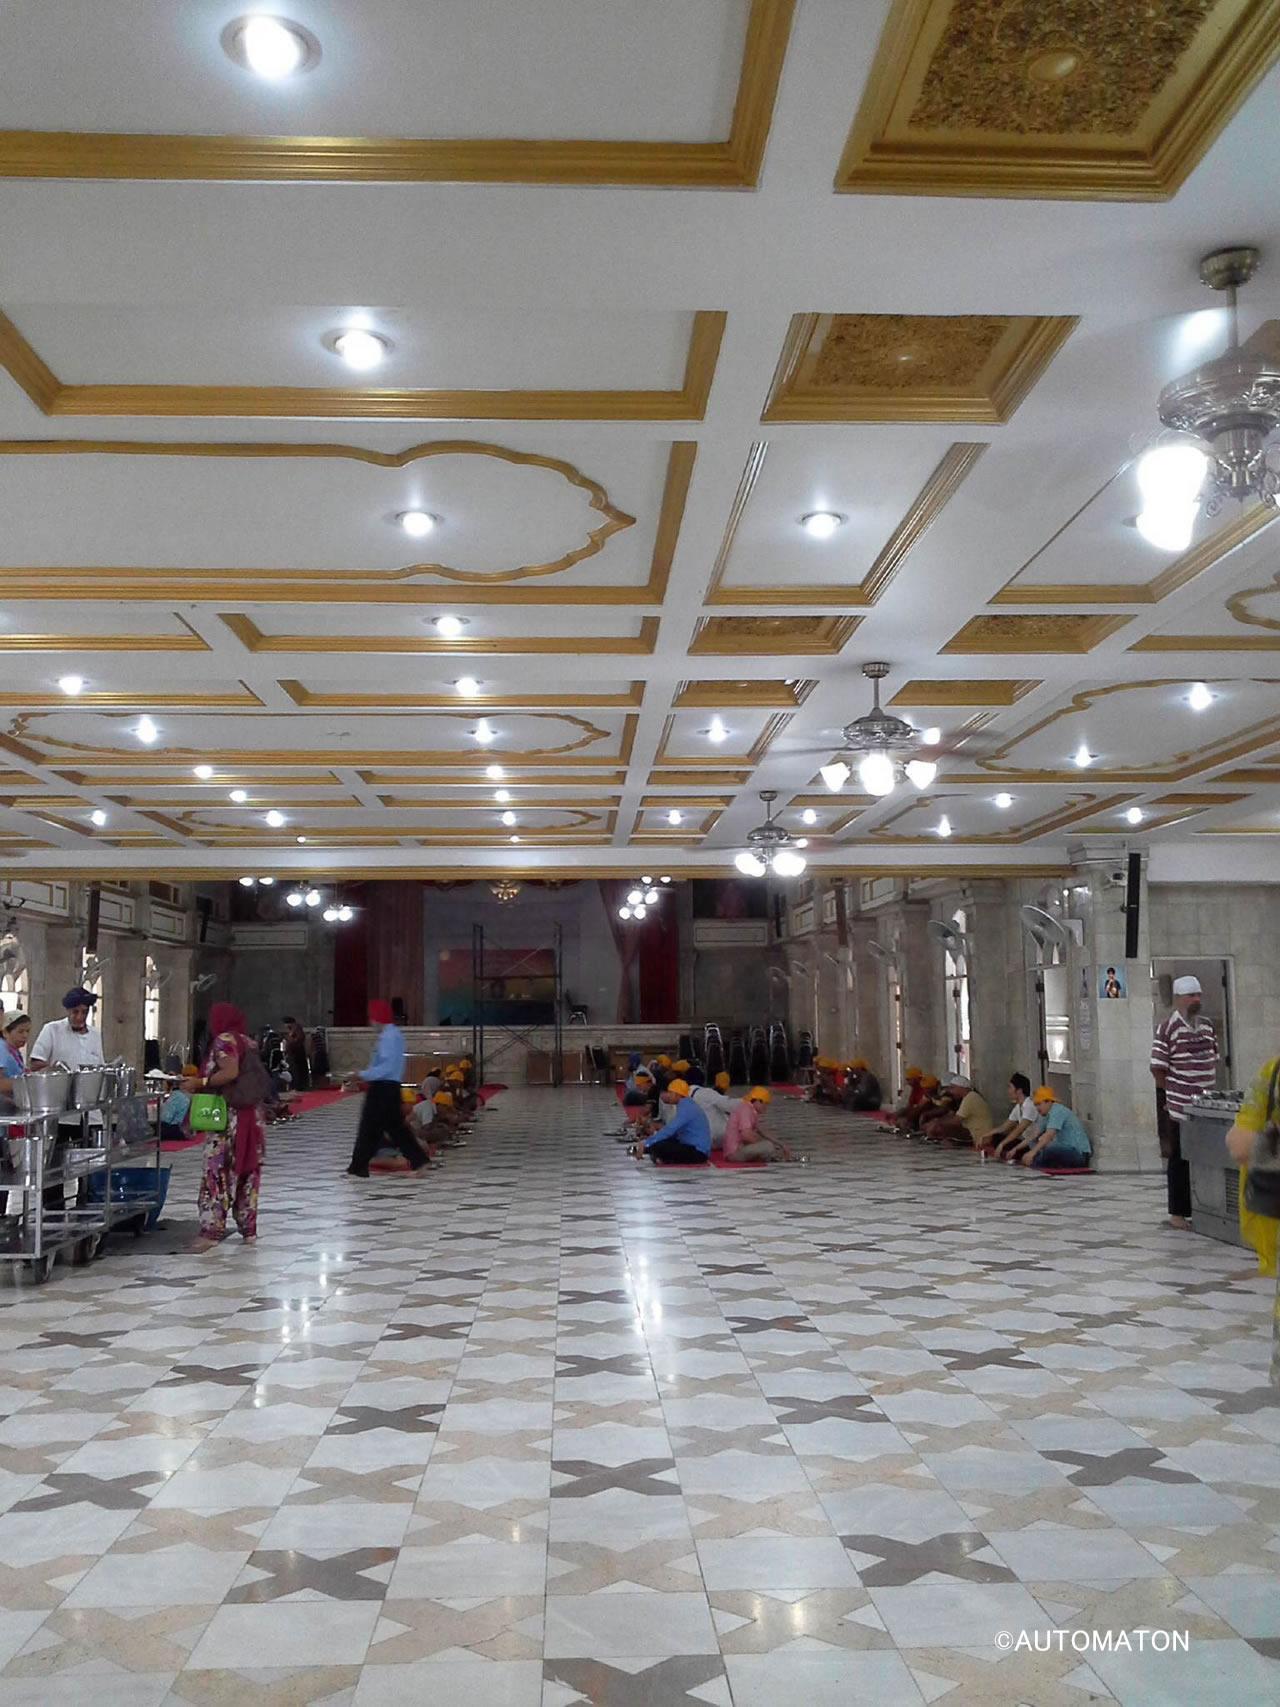 タダ飯寺の食堂。異教徒たちの黄色いバンダナが眩しすぎる光景である